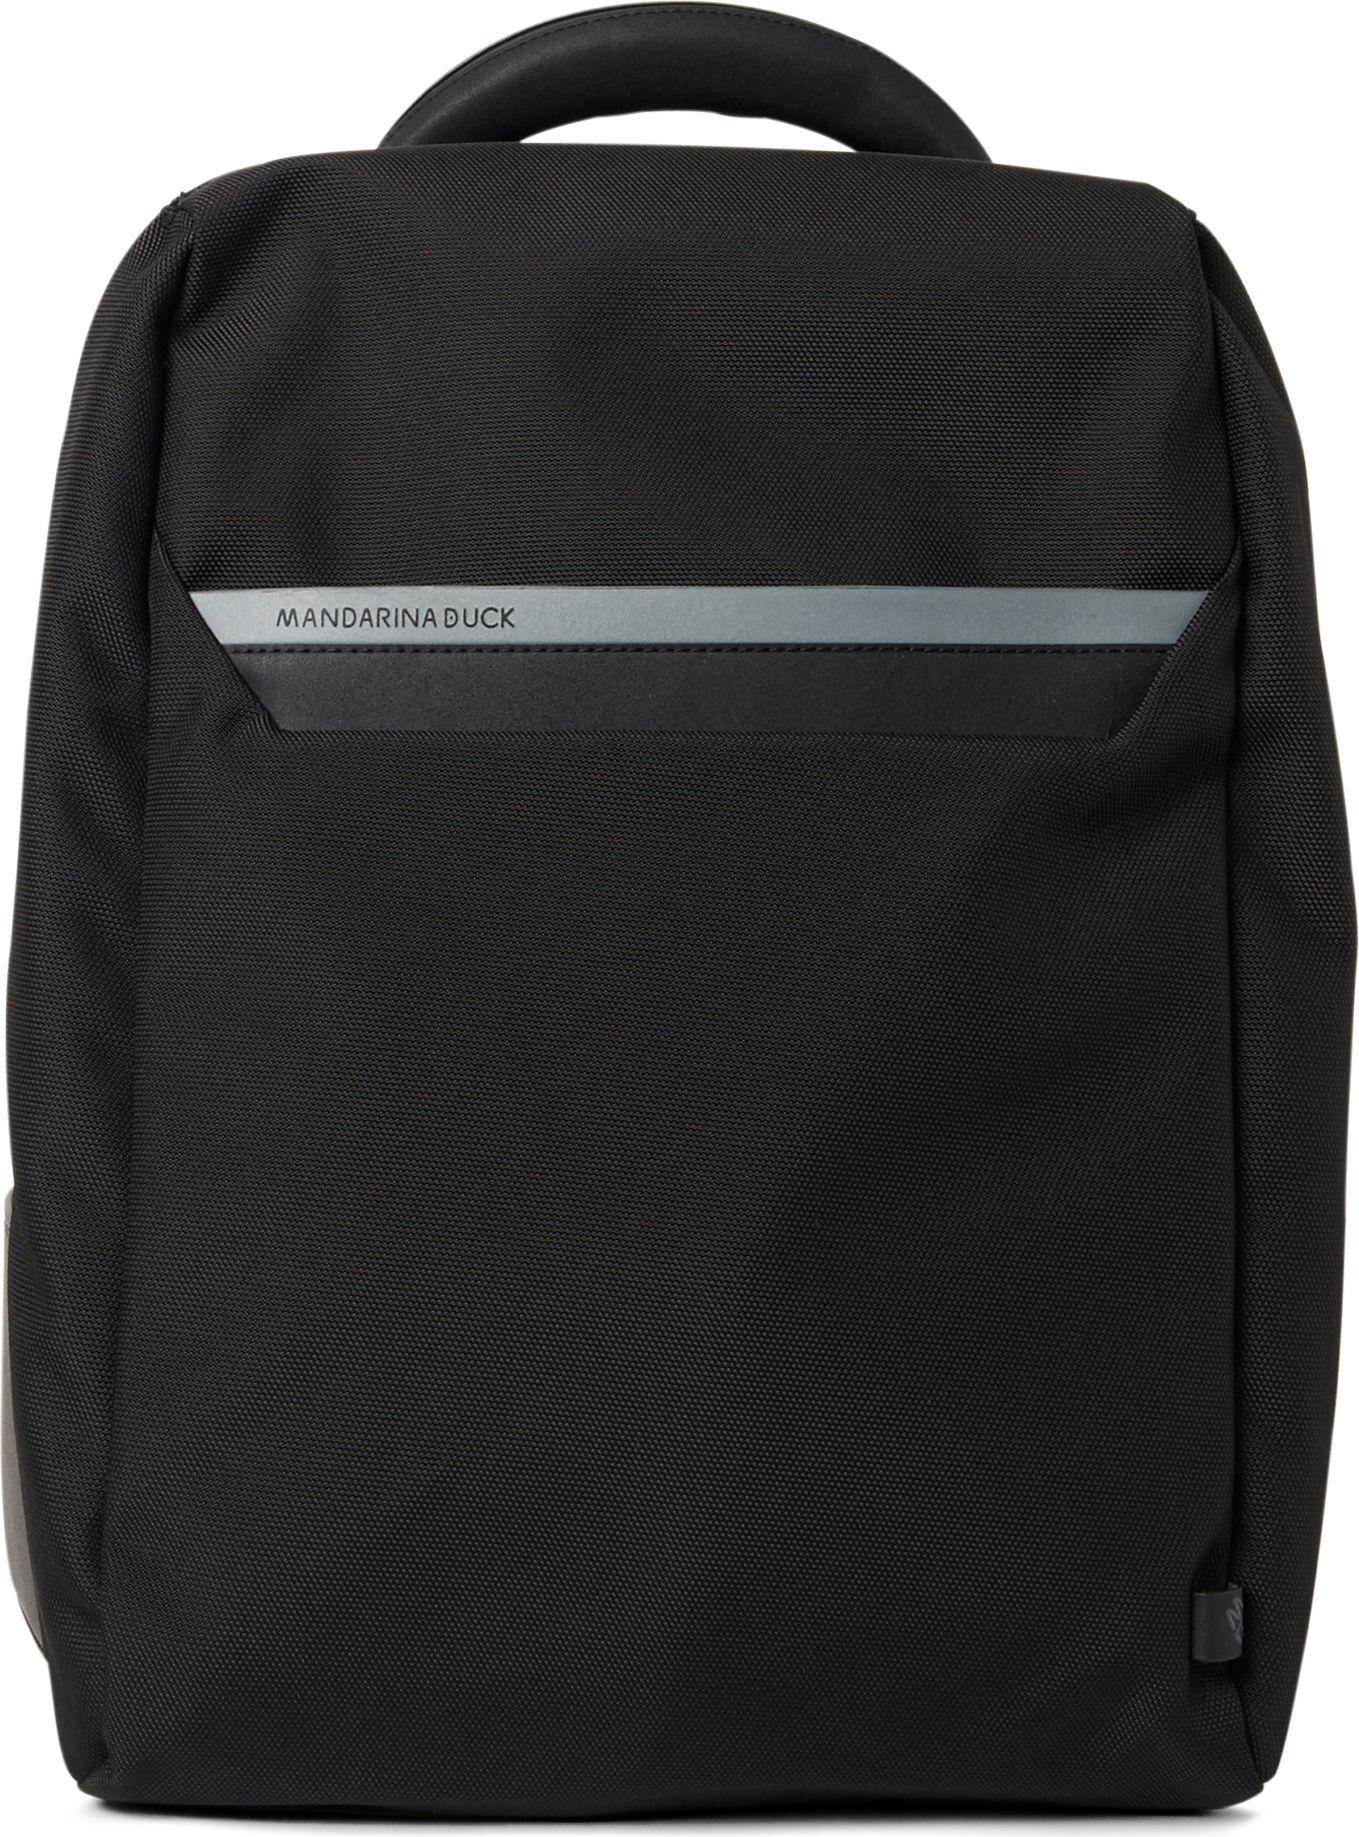 Mandarina Duck Work 14 Laptop Backpack In Black For Men Lyst